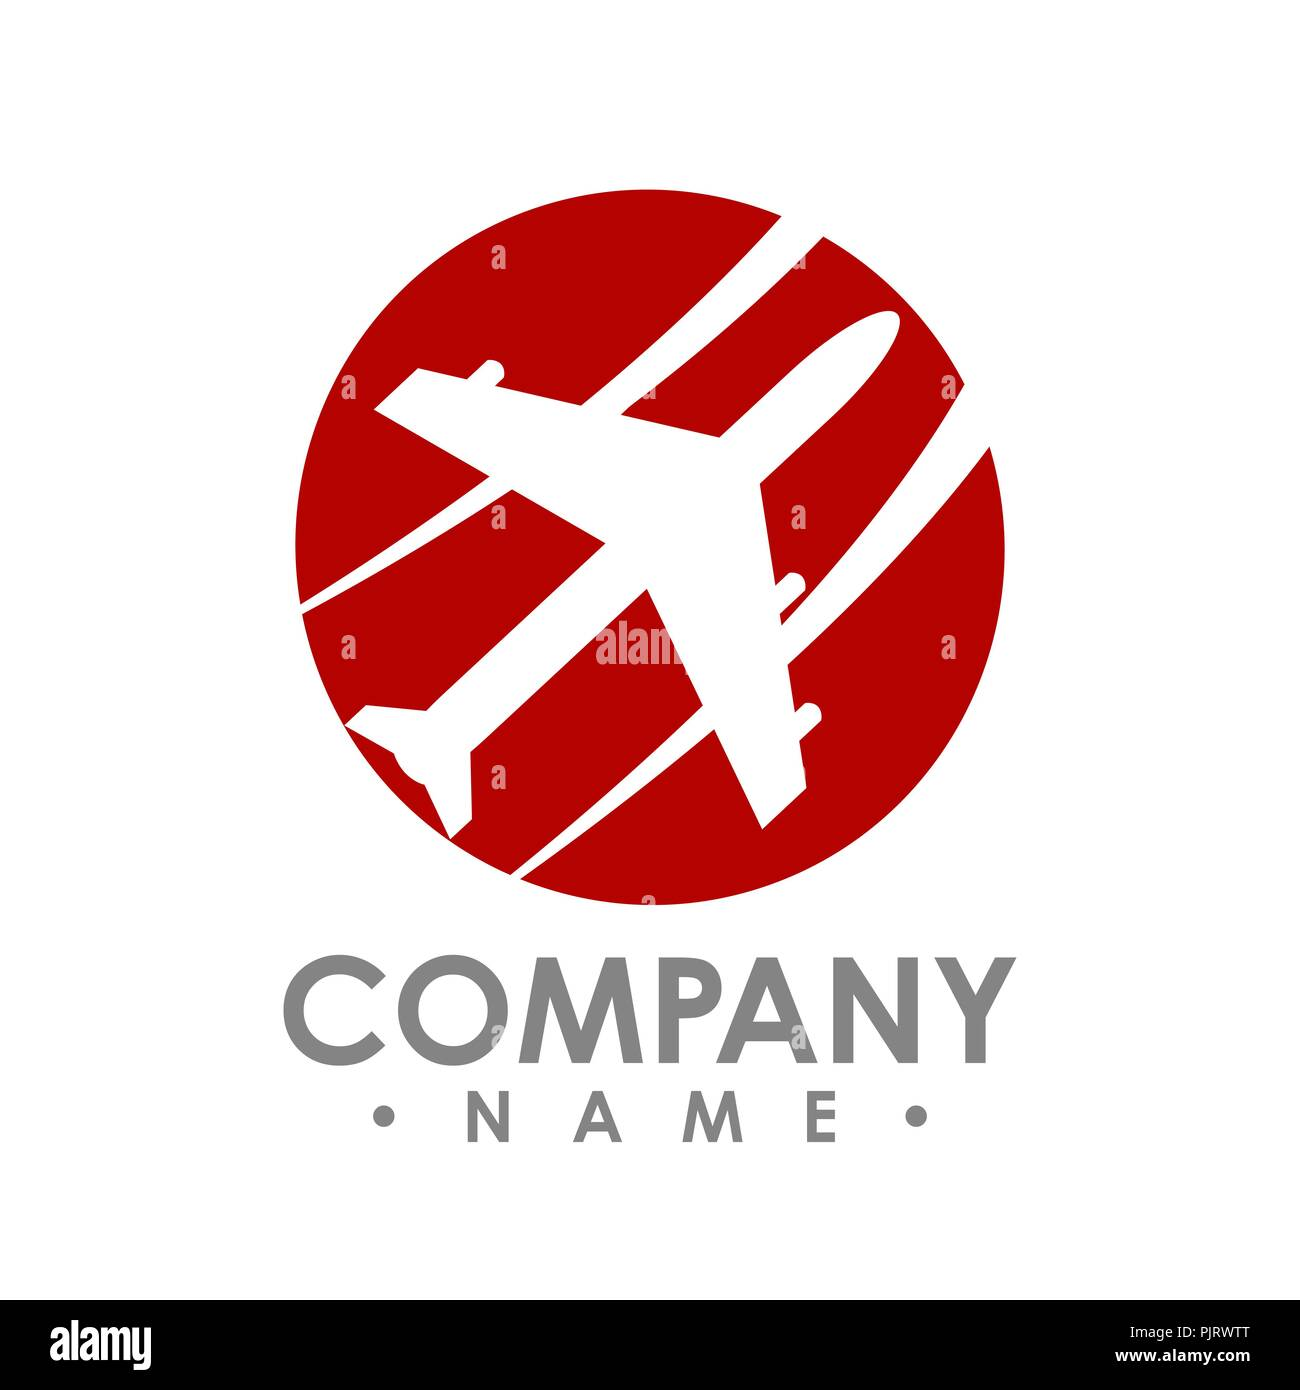 Agencia De Viajes Diseño De Logotipo Idea Con Avión En El Espacio